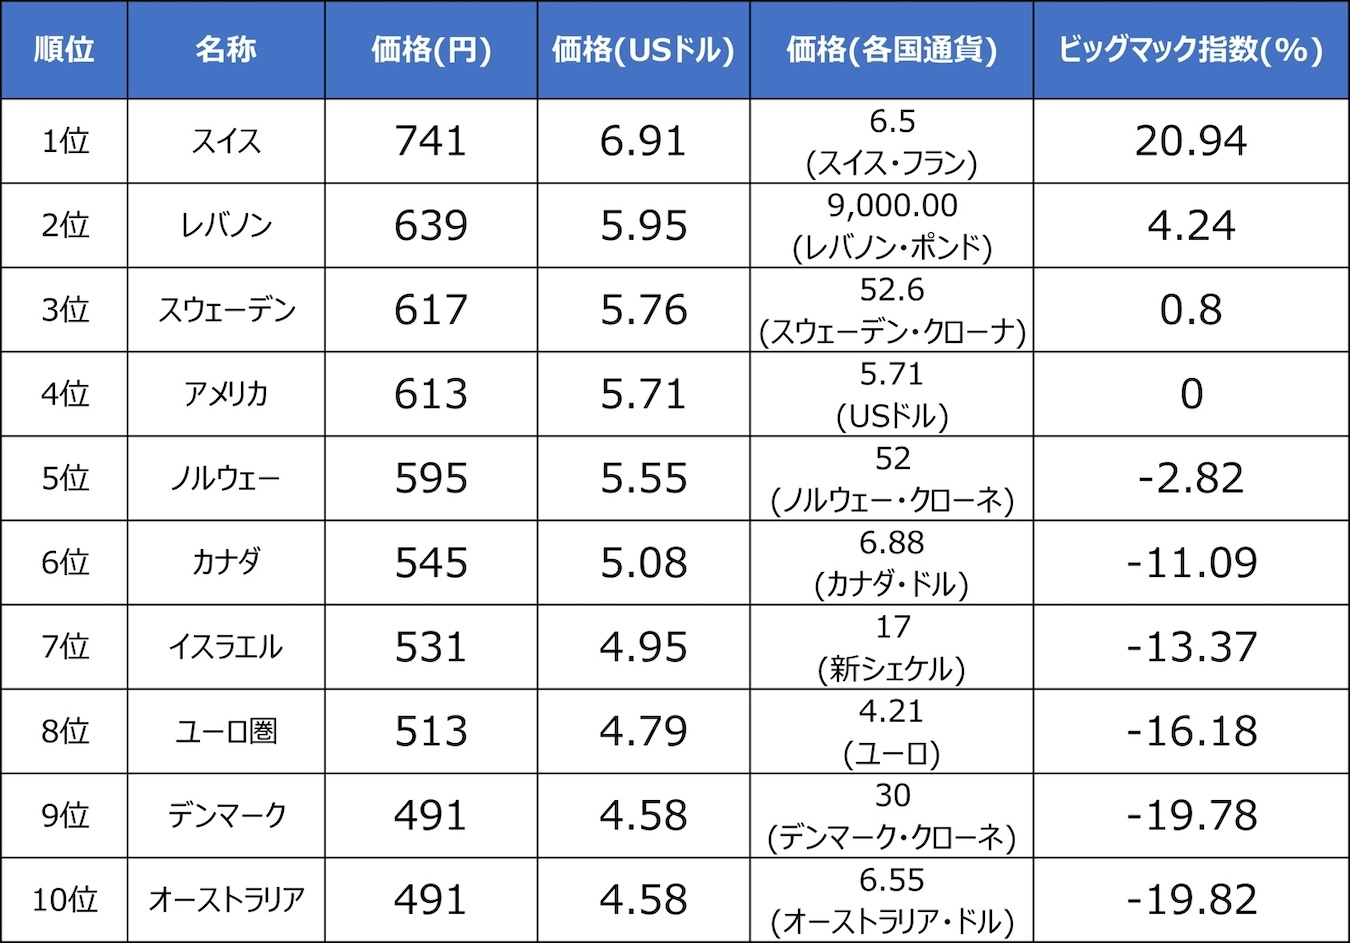 表1:ビッグマック指数ランキング※2020年7月時点のデータ(1ドル=107.28円)出典 河内淳「世界のネタ帳」